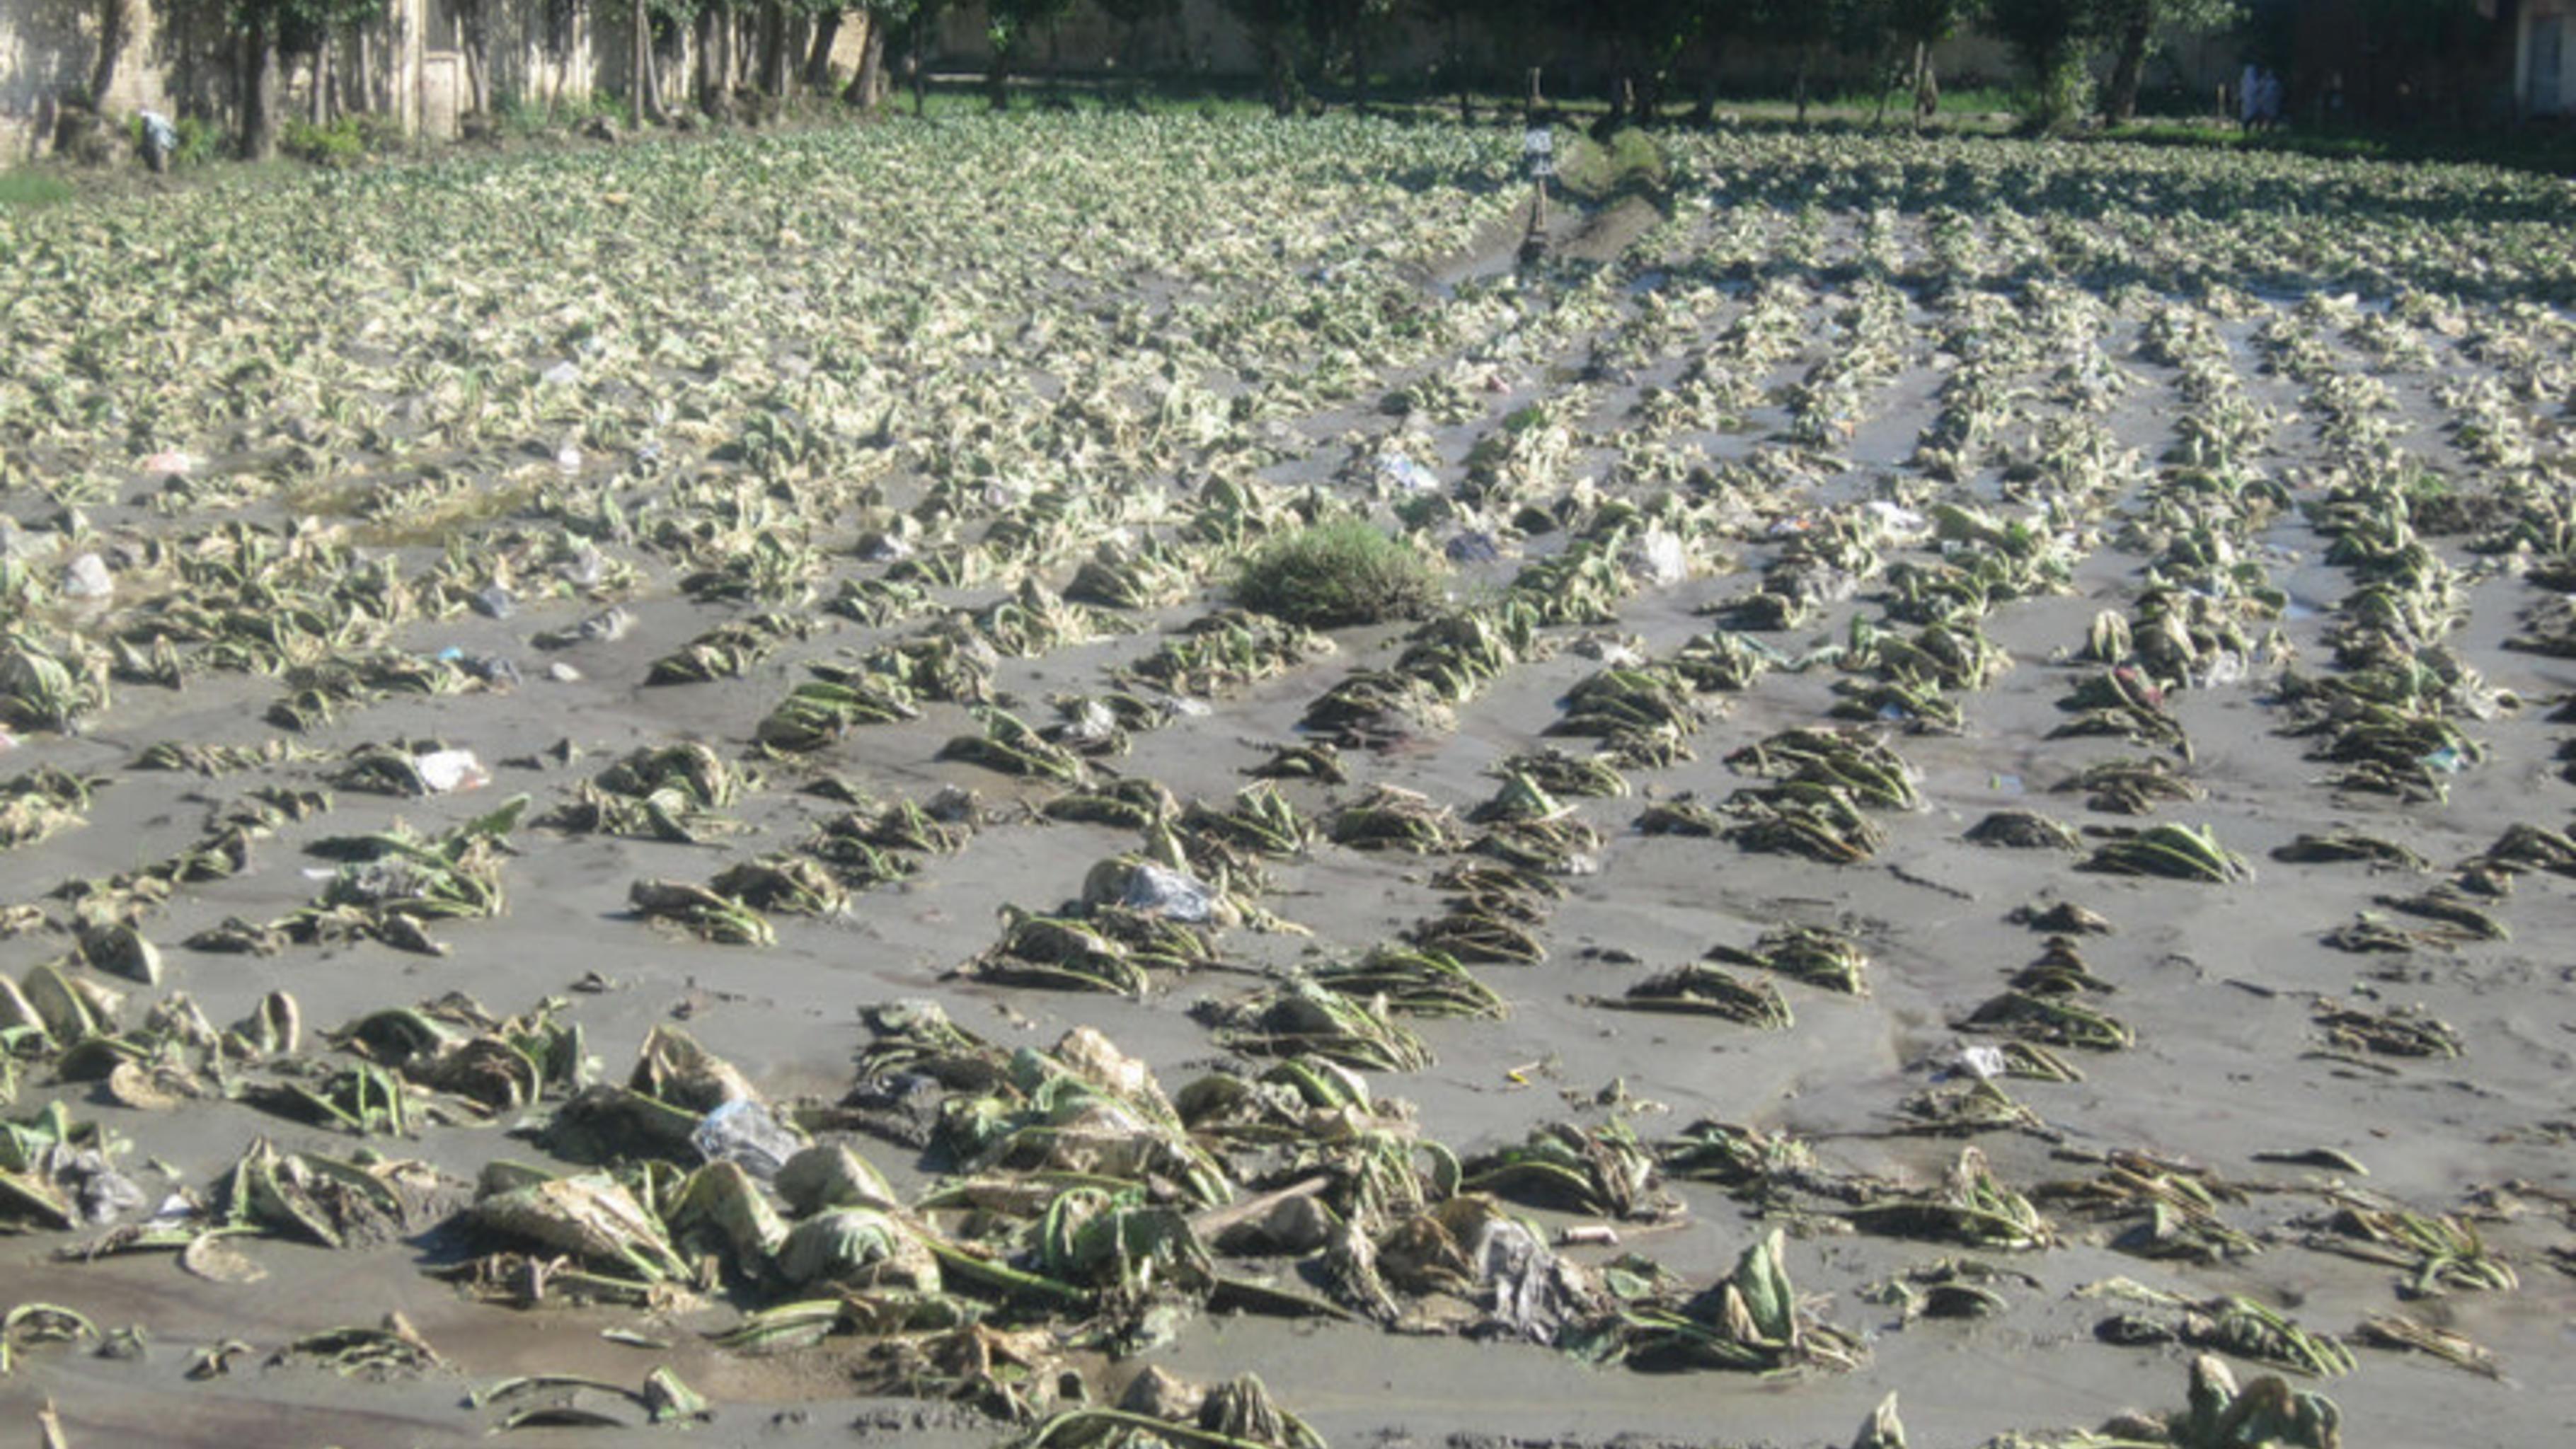 Foto: Die Wassermassen haben Felder und Ernten zerstört, Swat, Pakistan.